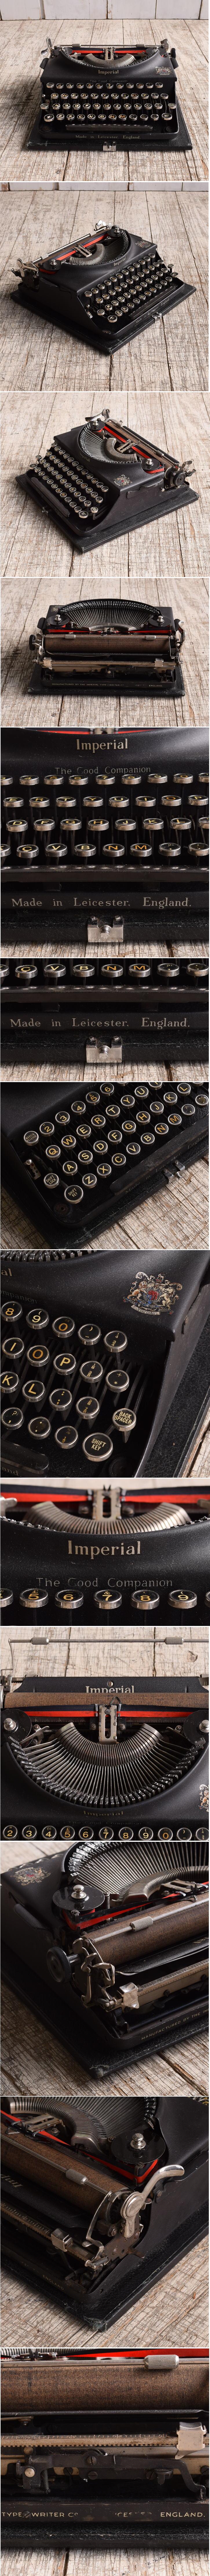 イギリスアンティーク タイプライター ディスプレイ 10136